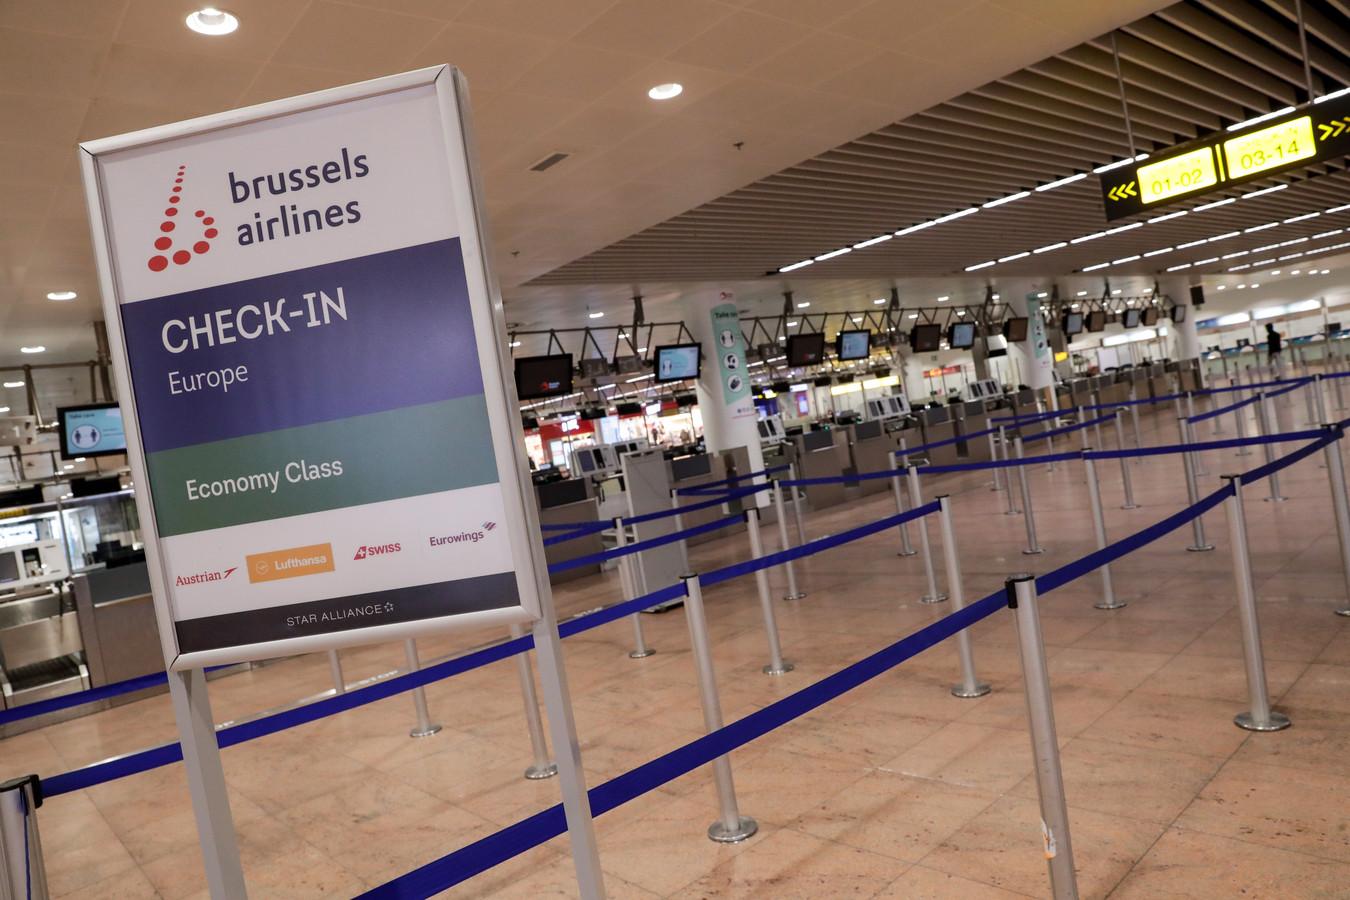 L'aéroport de Zaventem, ce mercredi 27 janvier 2021.